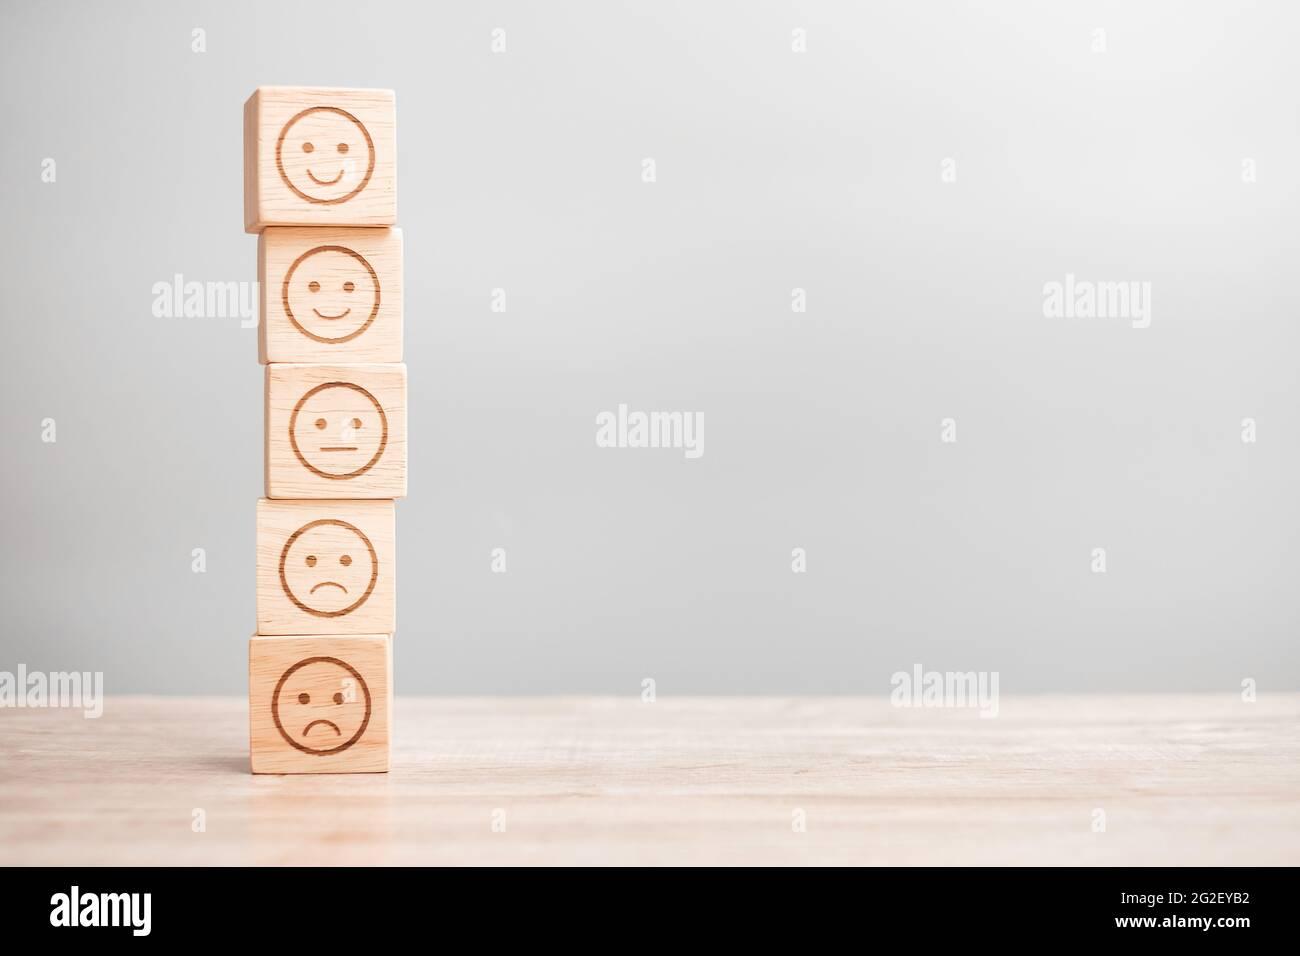 Emotionsgesicht-Symbol auf Holzblöcken. Service Rating, Ranking, Customer Review, Zufriedenheit, Bewertung und Feedback-Konzept Stockfoto